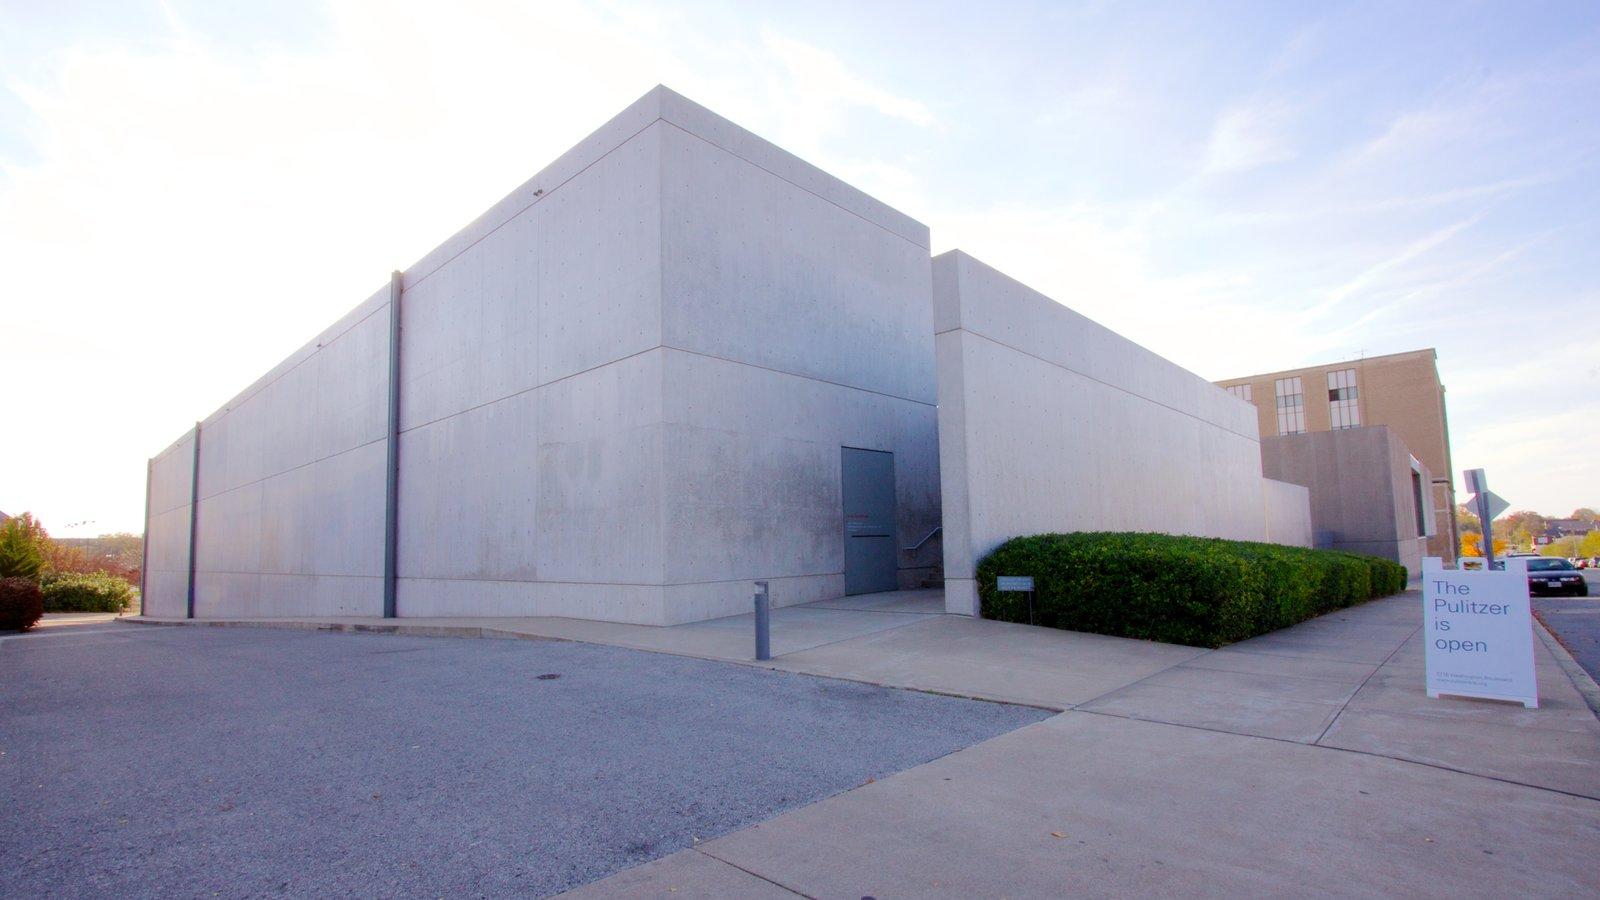 Pulitzer Foundation for the Arts mostrando arquitetura moderna